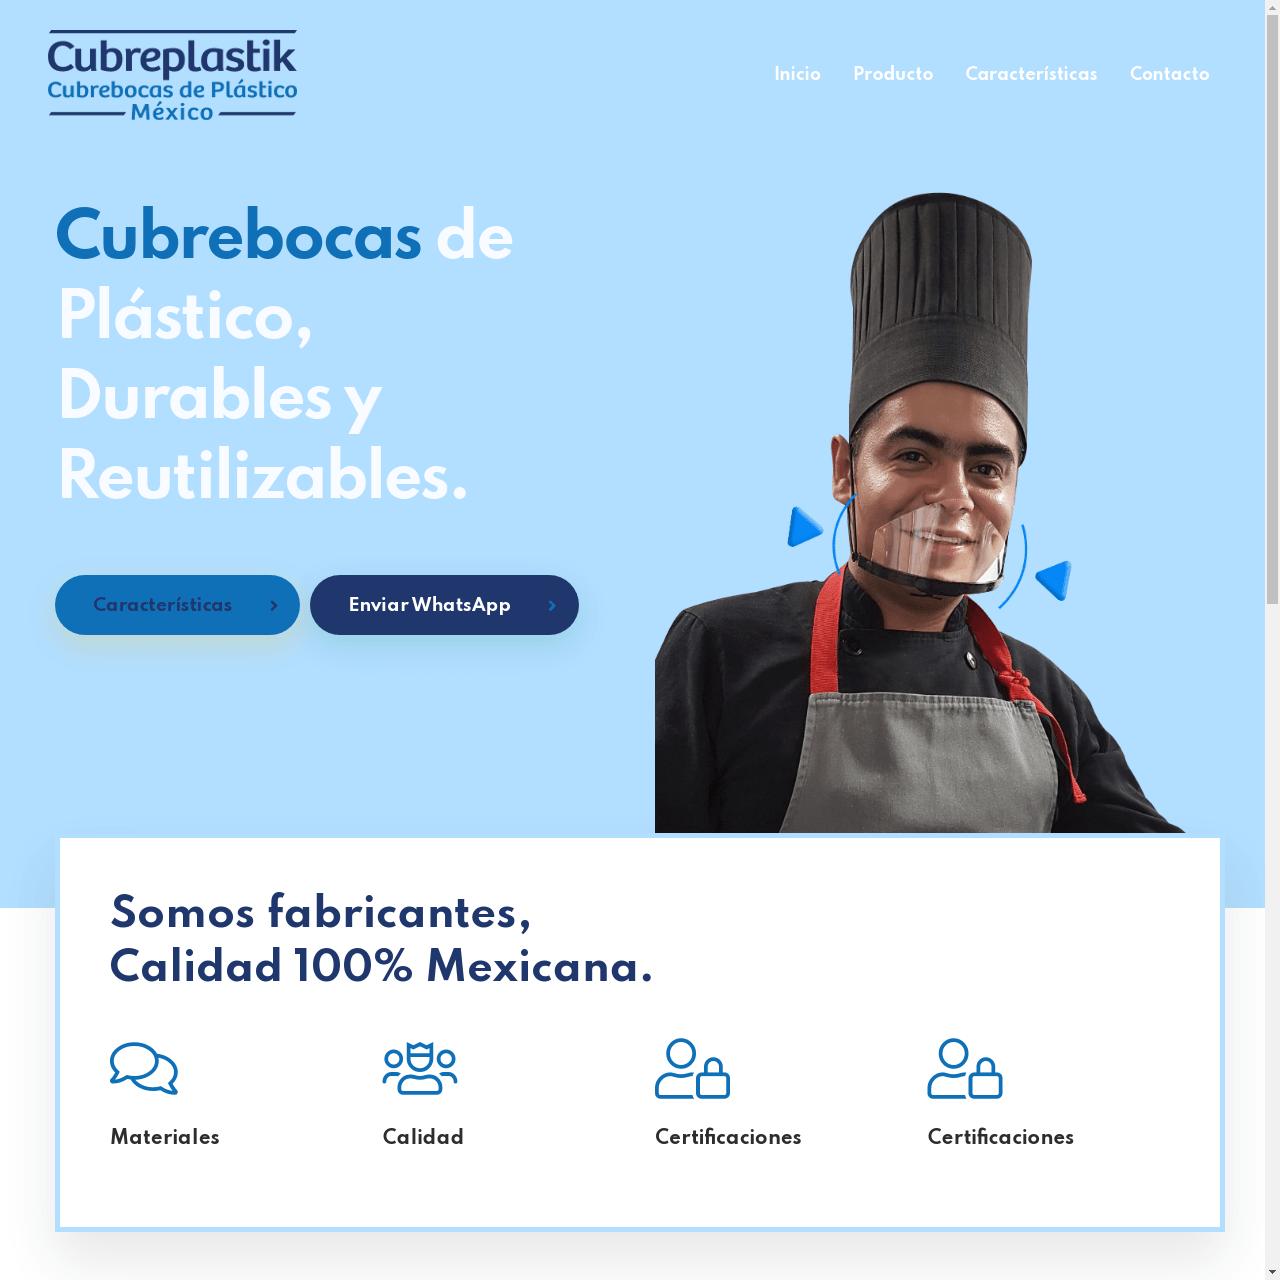 www.cubrebocasdeplasticomexico.mx